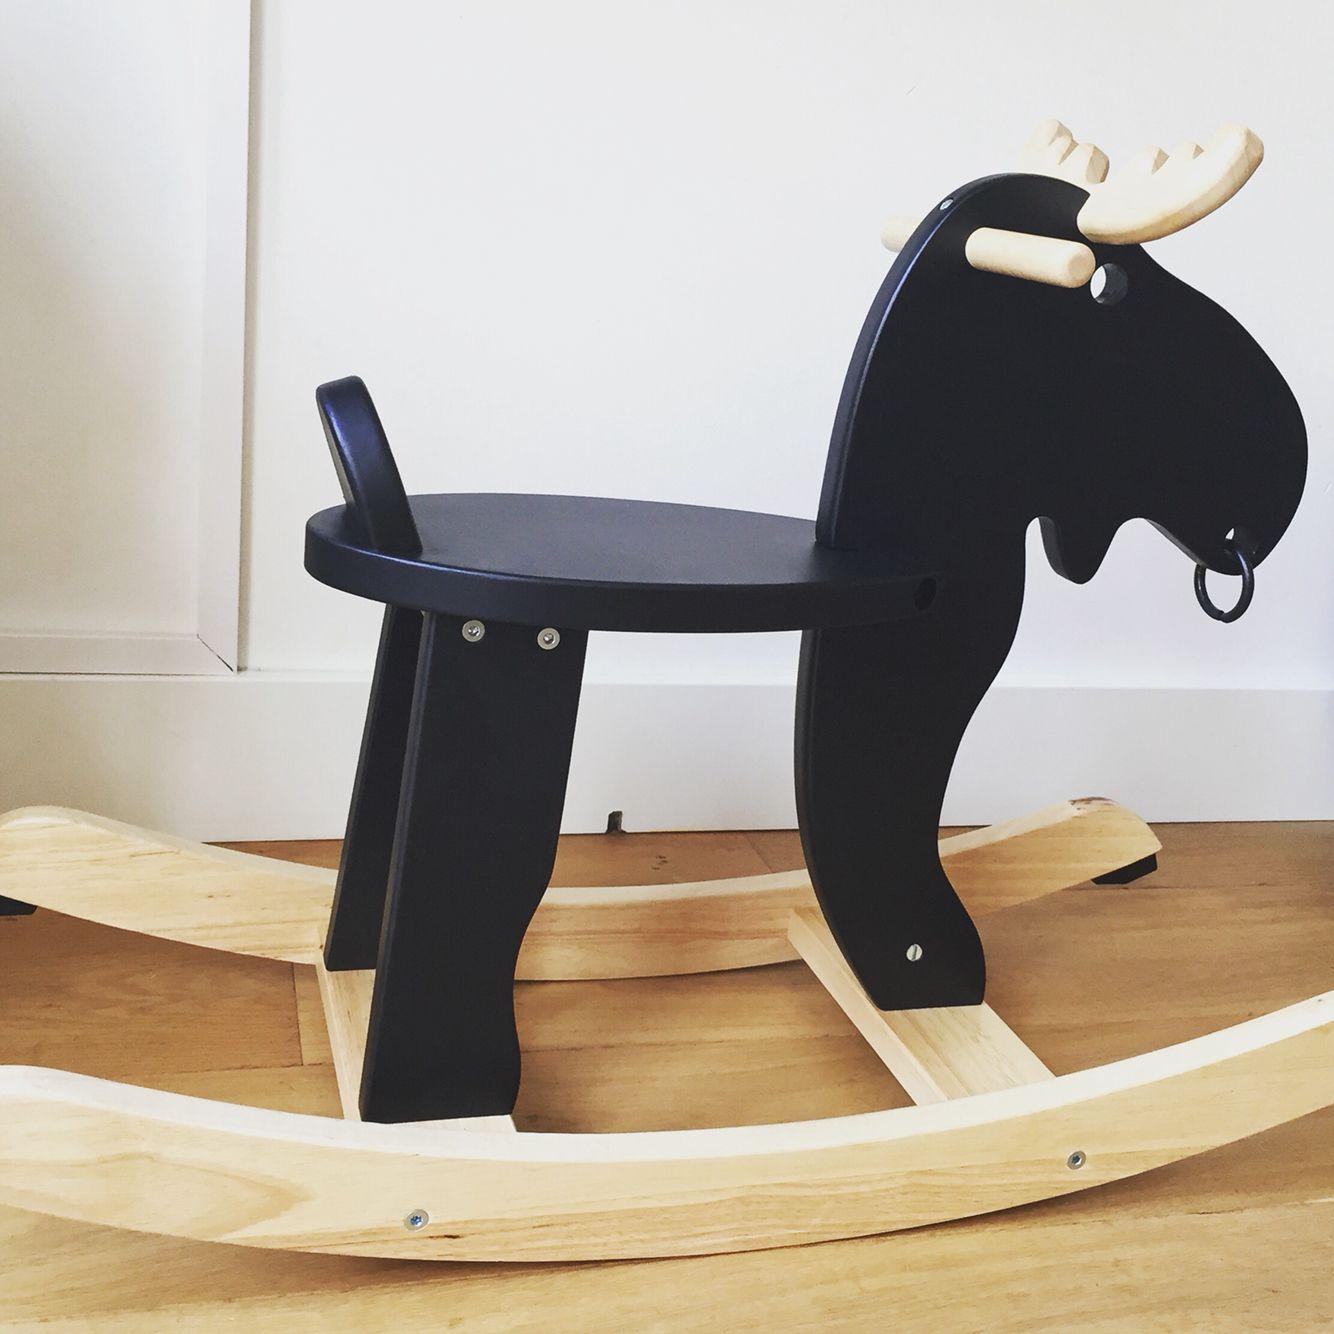 Nieuw Ikea Ekorre hack. Hobbeleland | Baby in 2019 | Ikea, Ikea hack TV-29